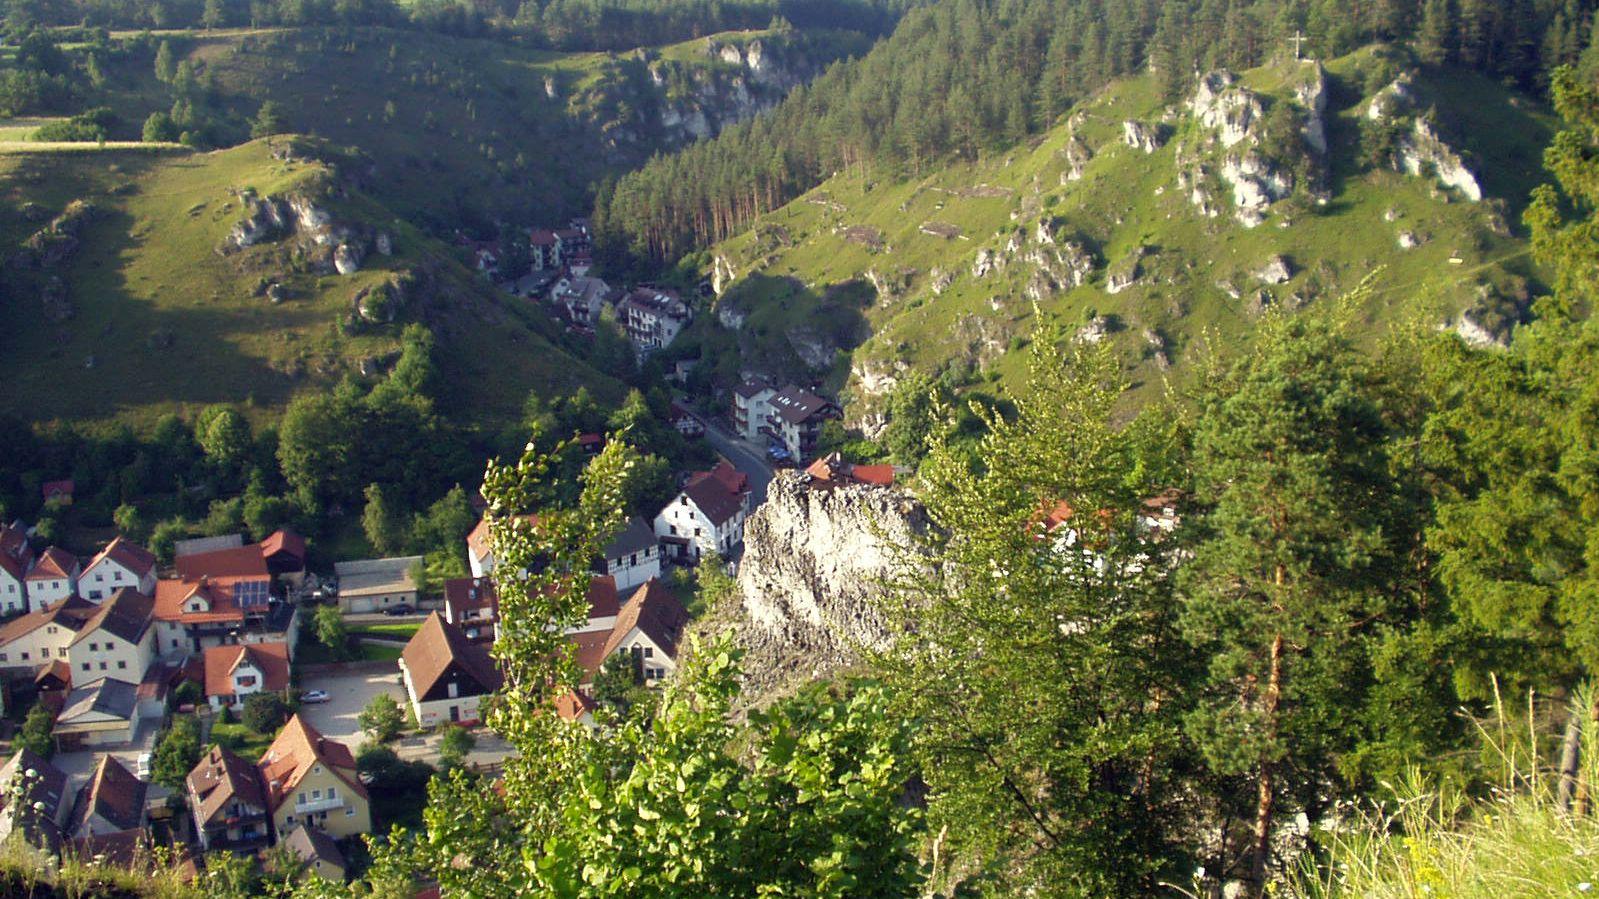 Blick von einem Felsen nach unten auf den Ortskern von Pottenstein